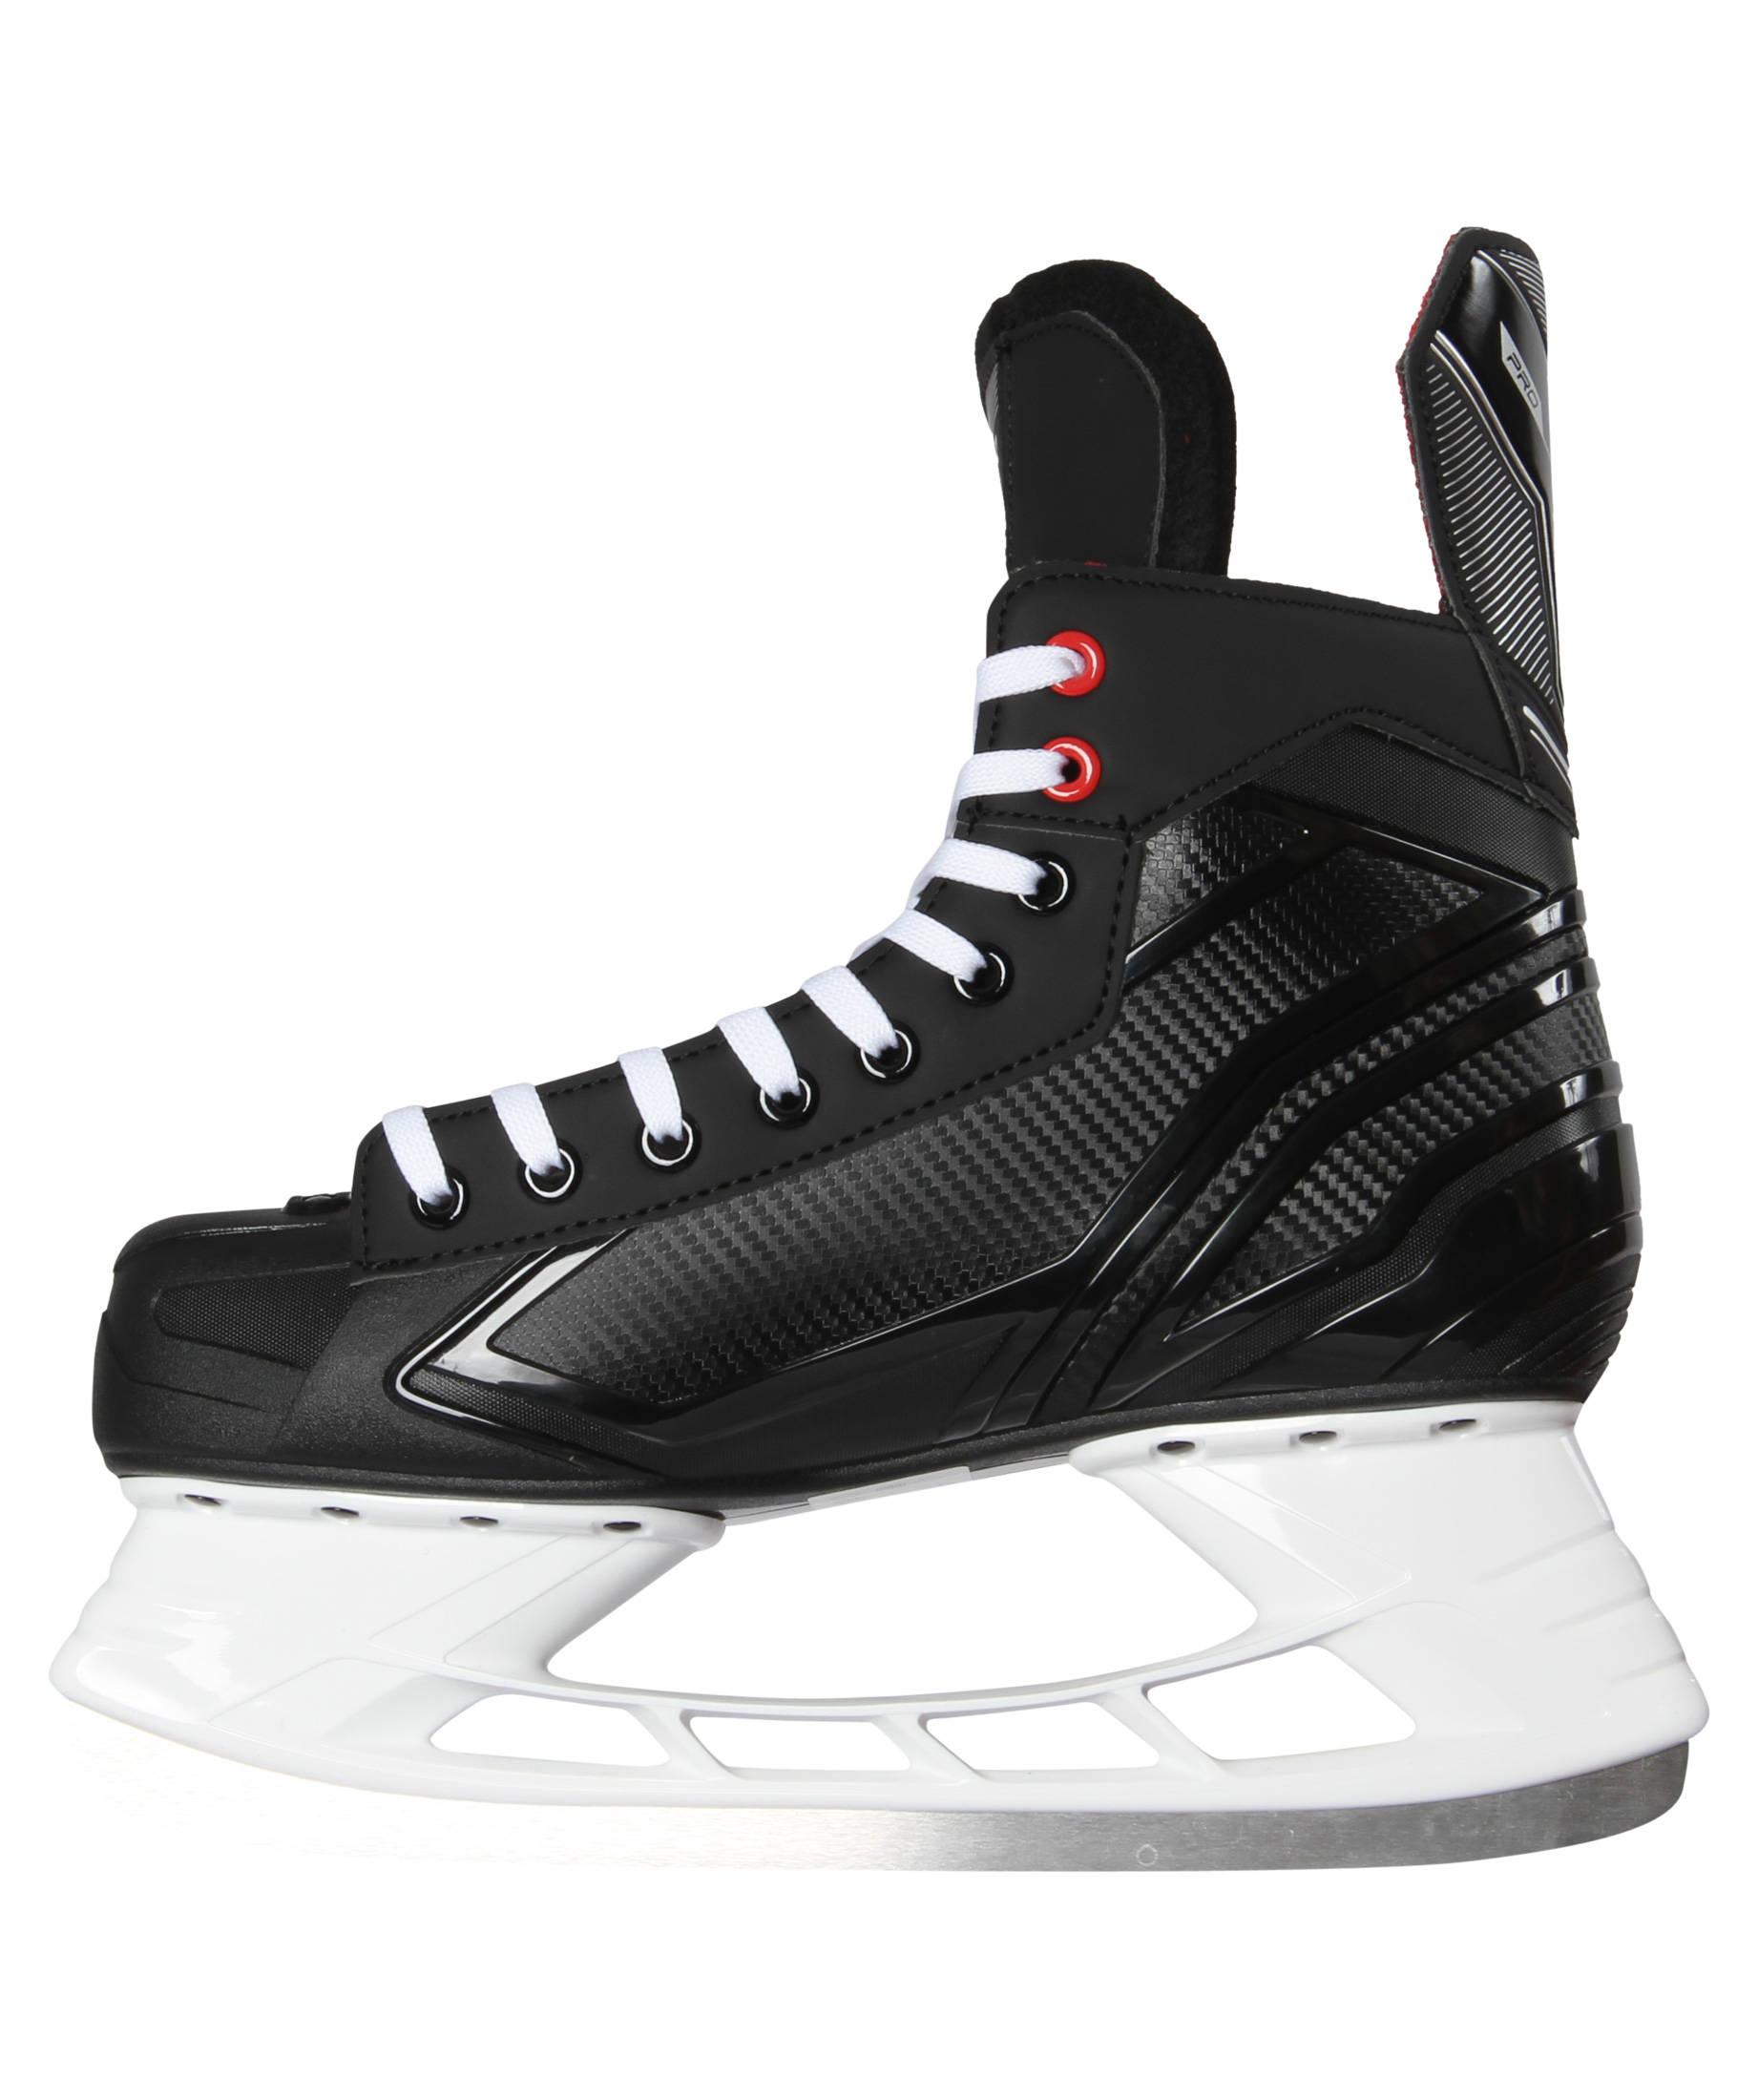 Eishockey schlittschuhe herren